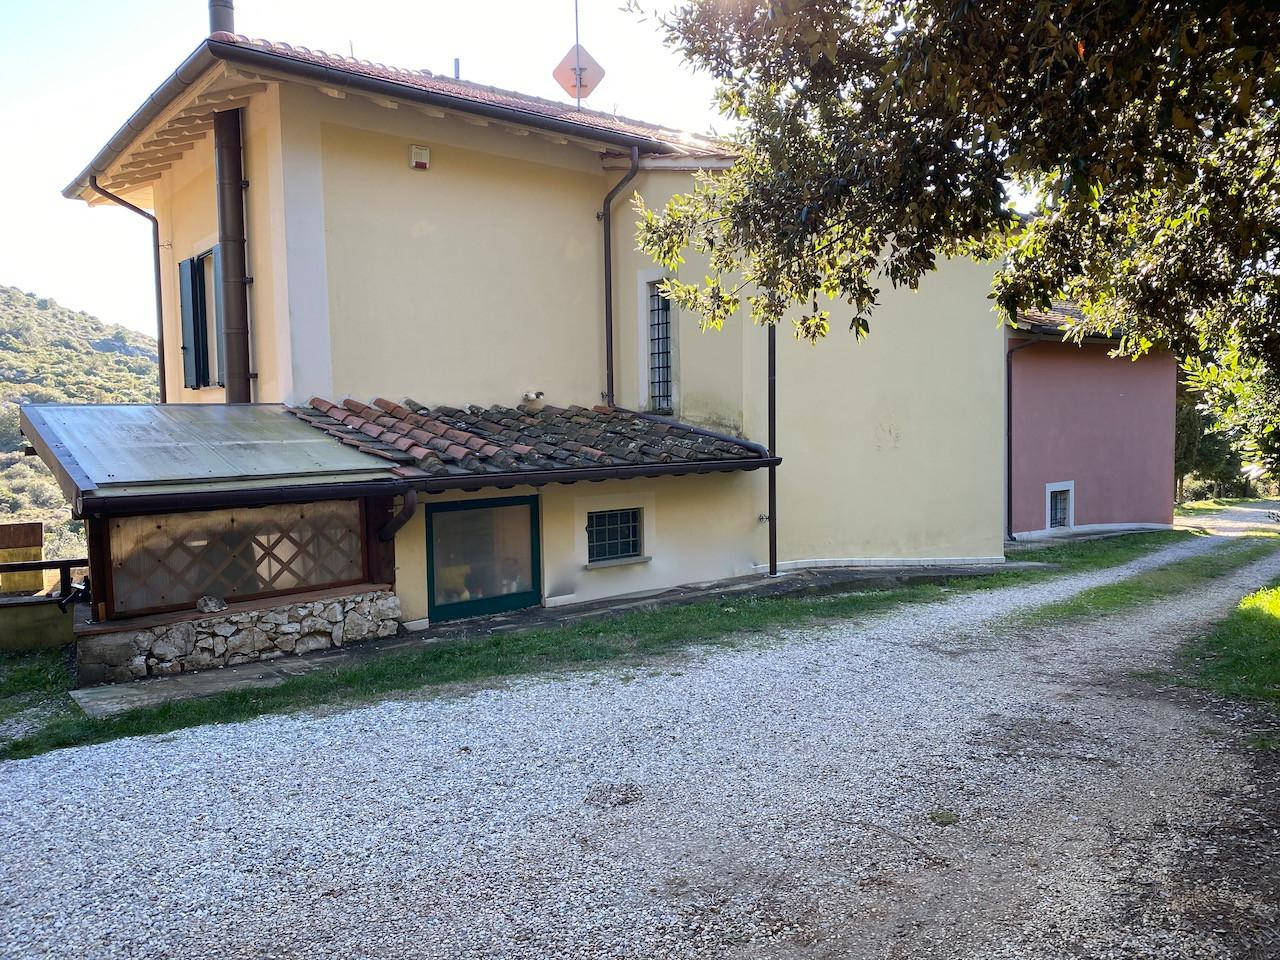 Casale in vendita, rif. X264